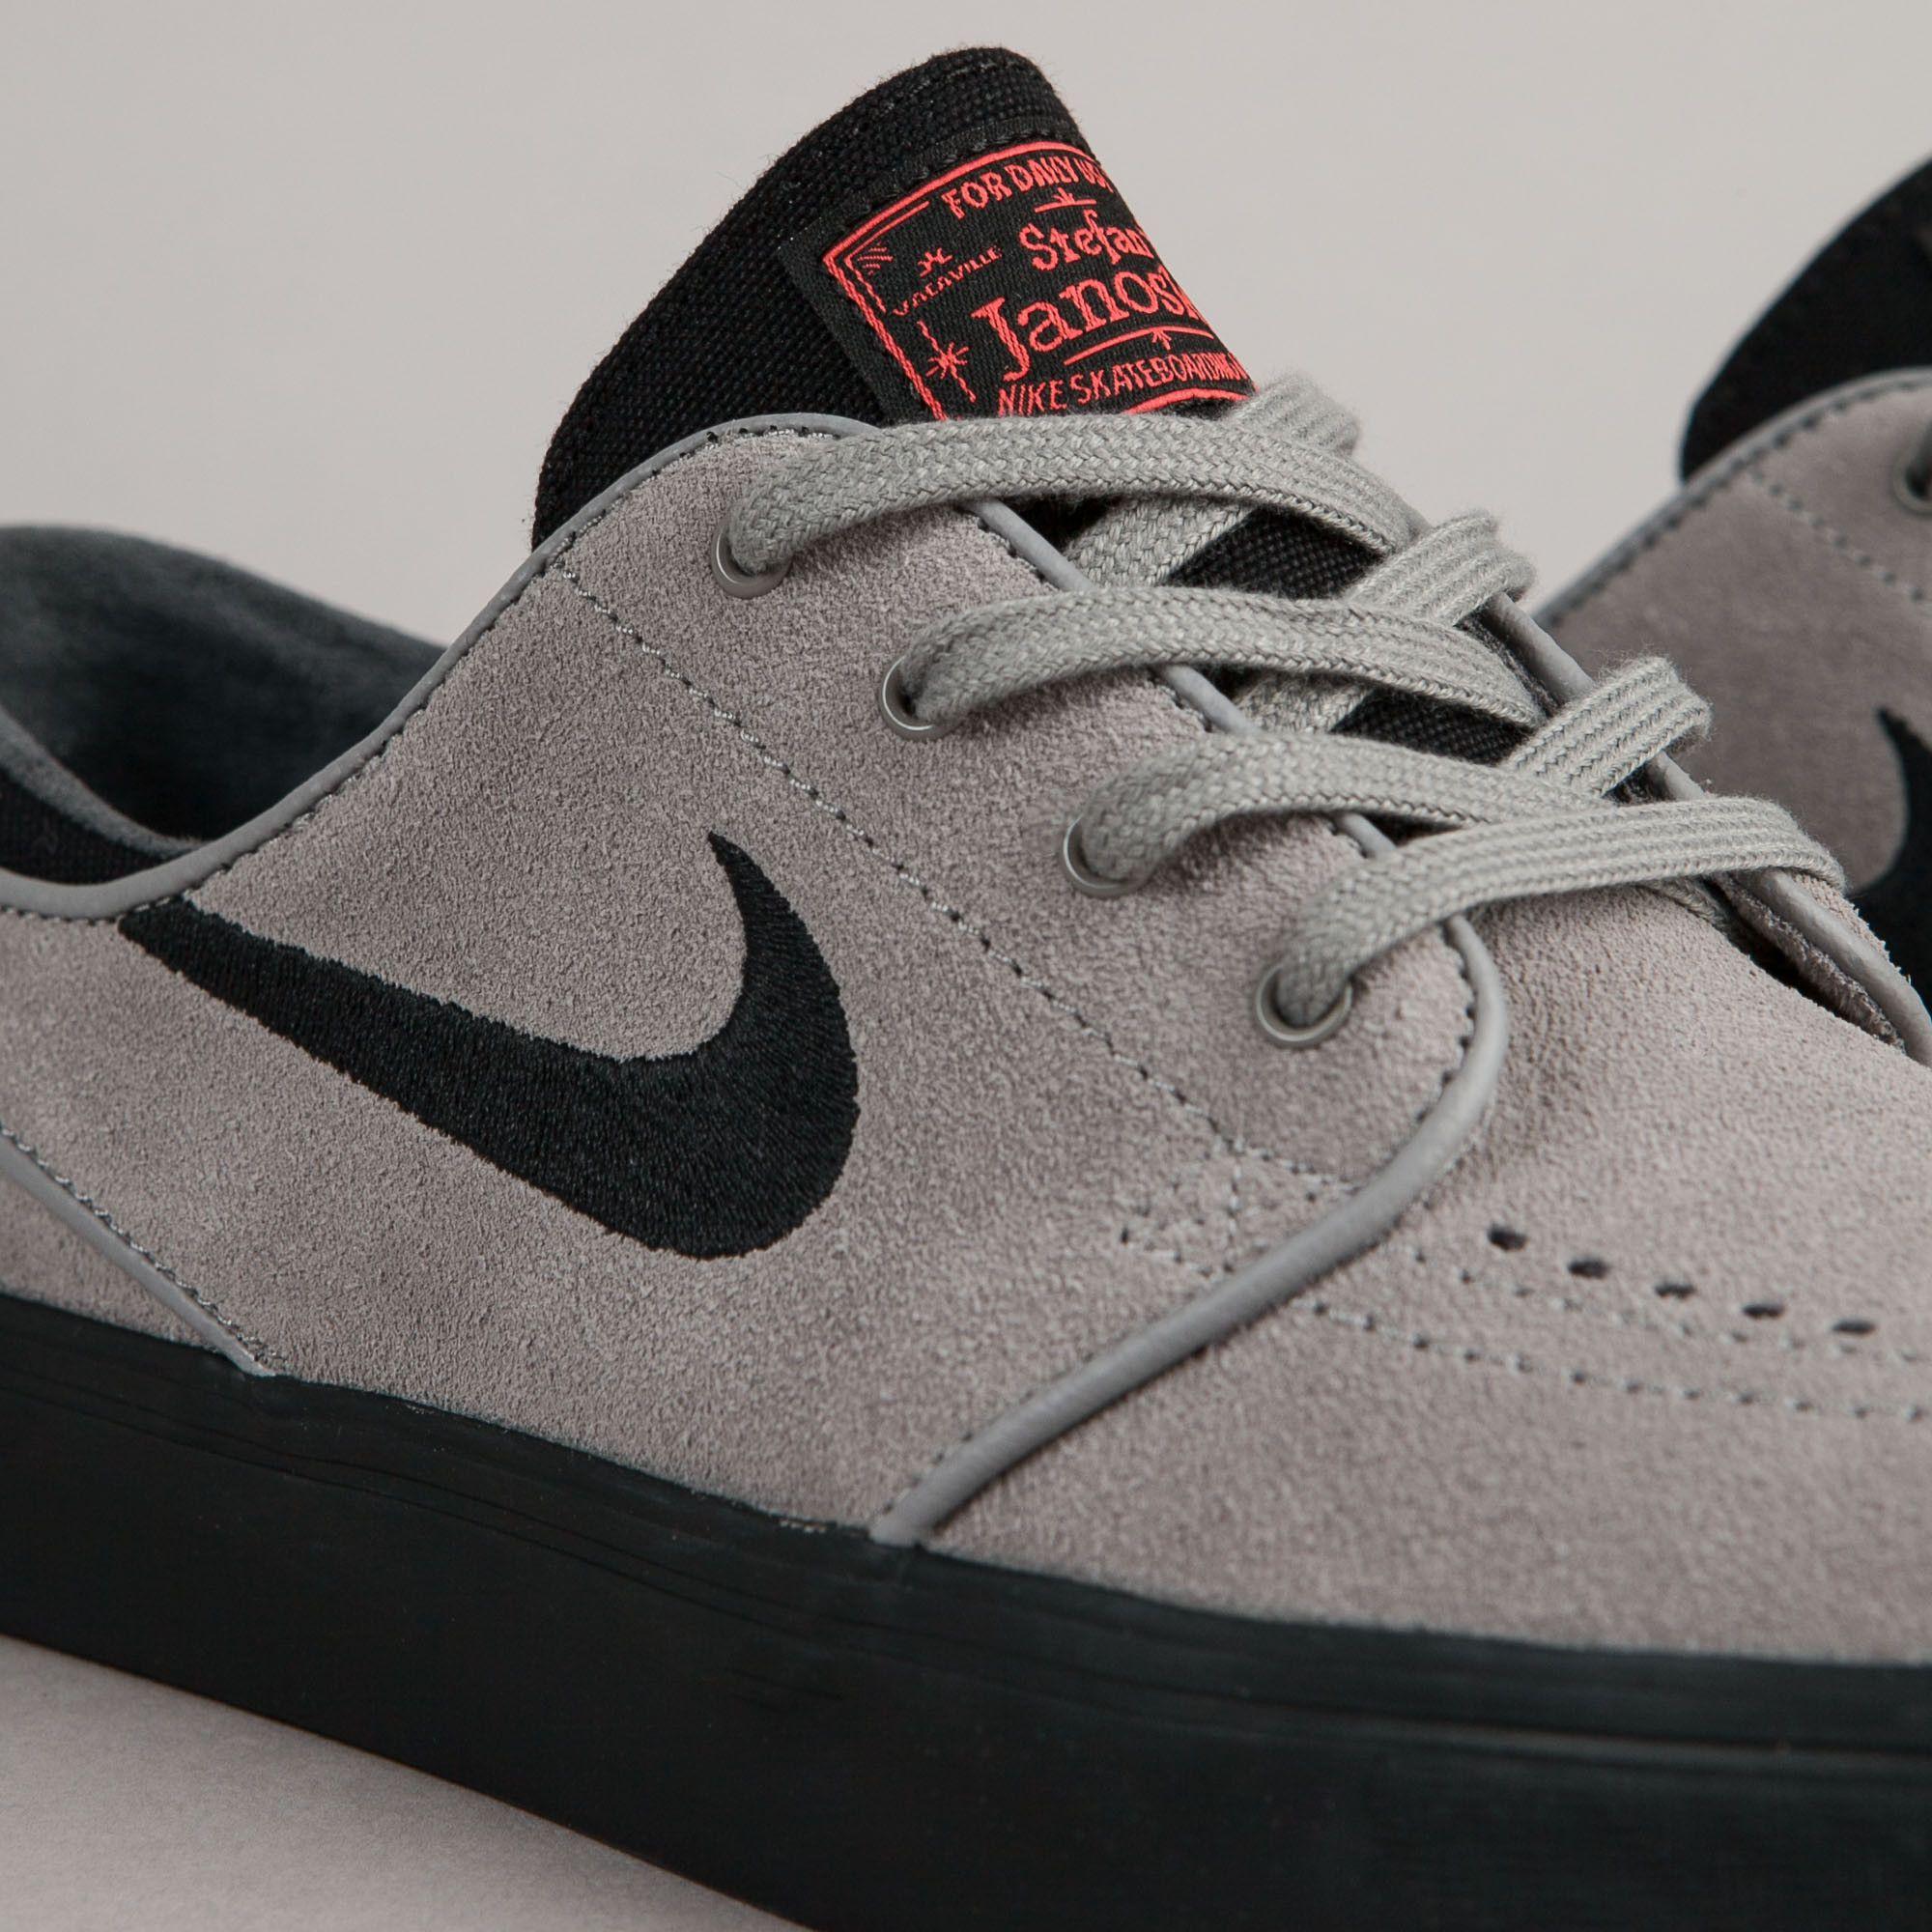 3598a52be8b91 Nike SB Stefan Janoski Shoes - Dust   Black - Ember Glow - White ...